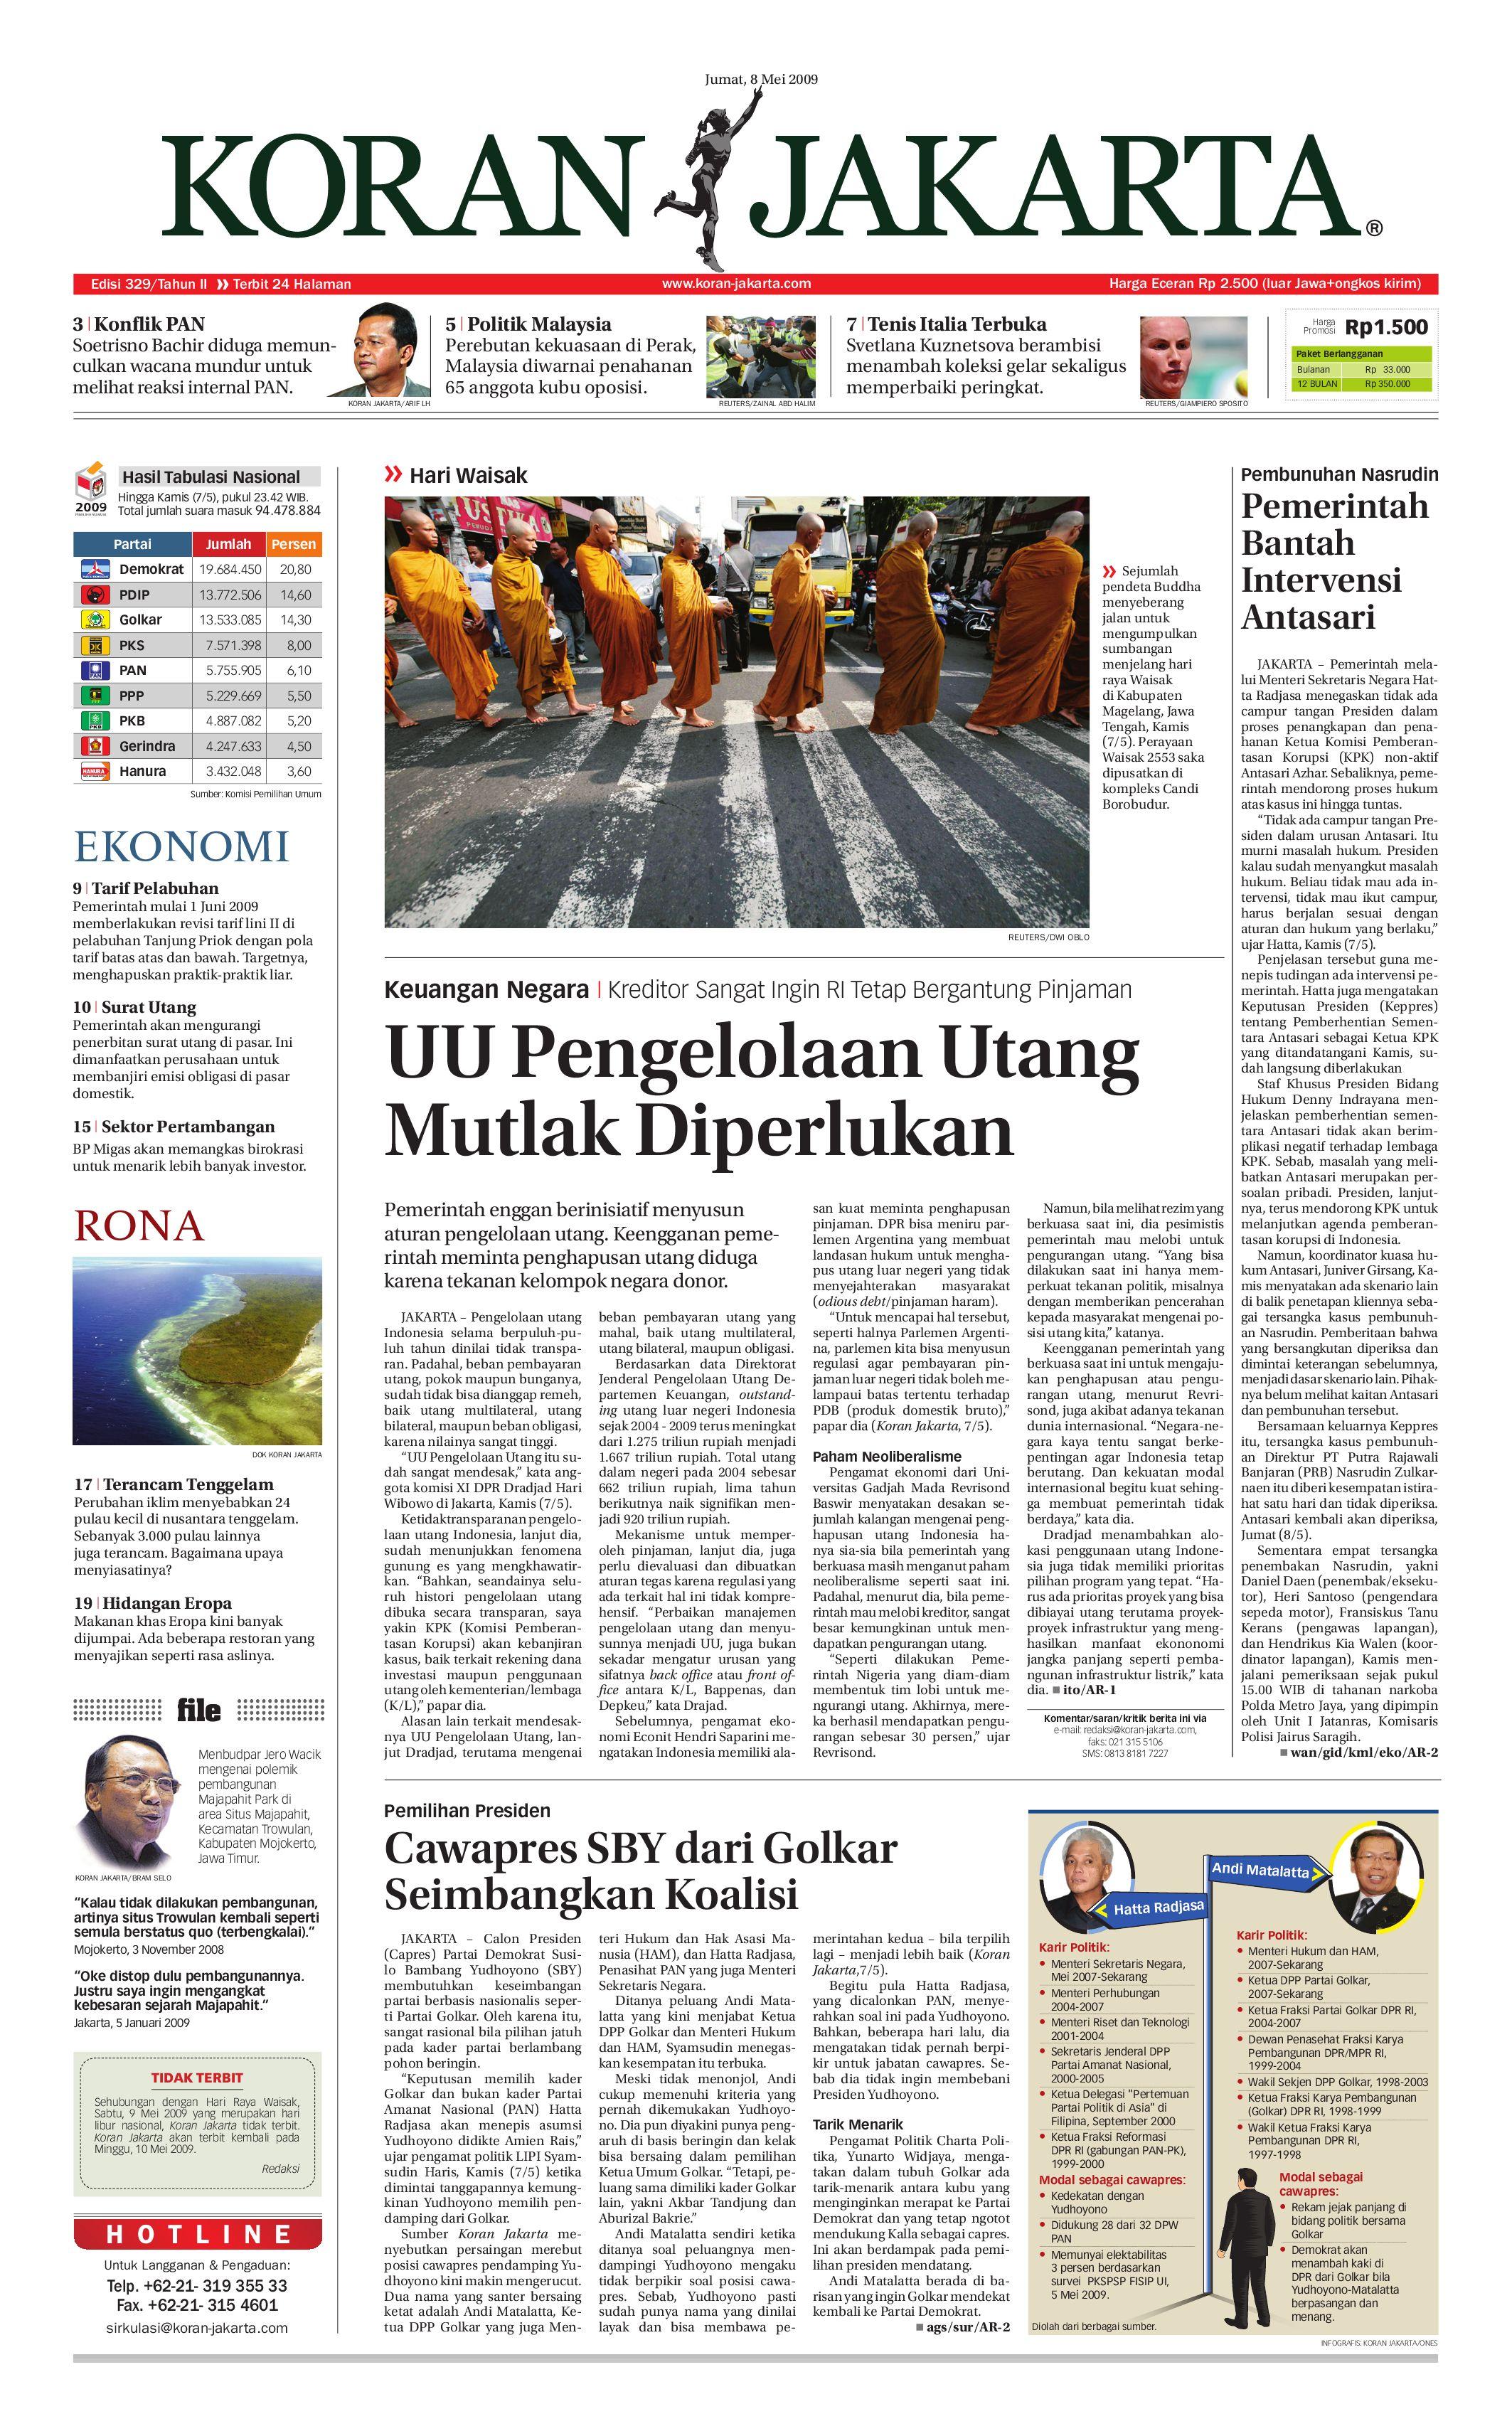 Edisi 329 Jumat 08 Mei 2009 By Pt Berita Nusantara Issuu